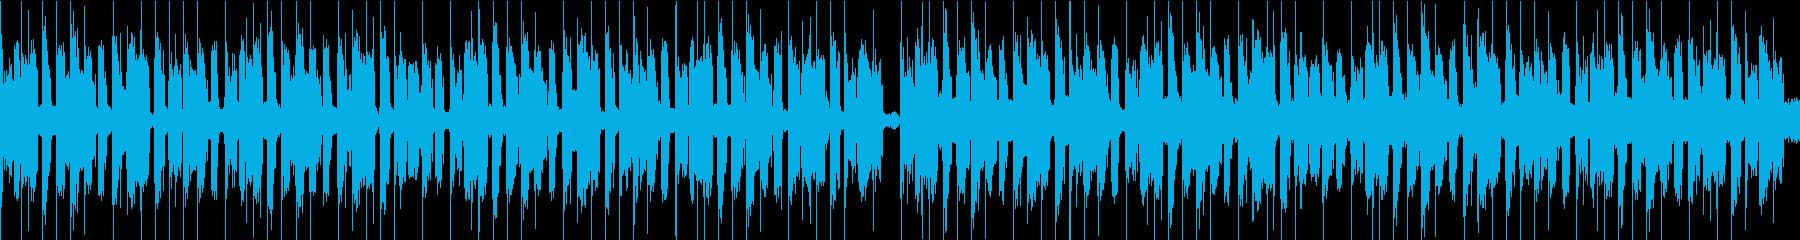 おまぬけコミカル/ループの再生済みの波形